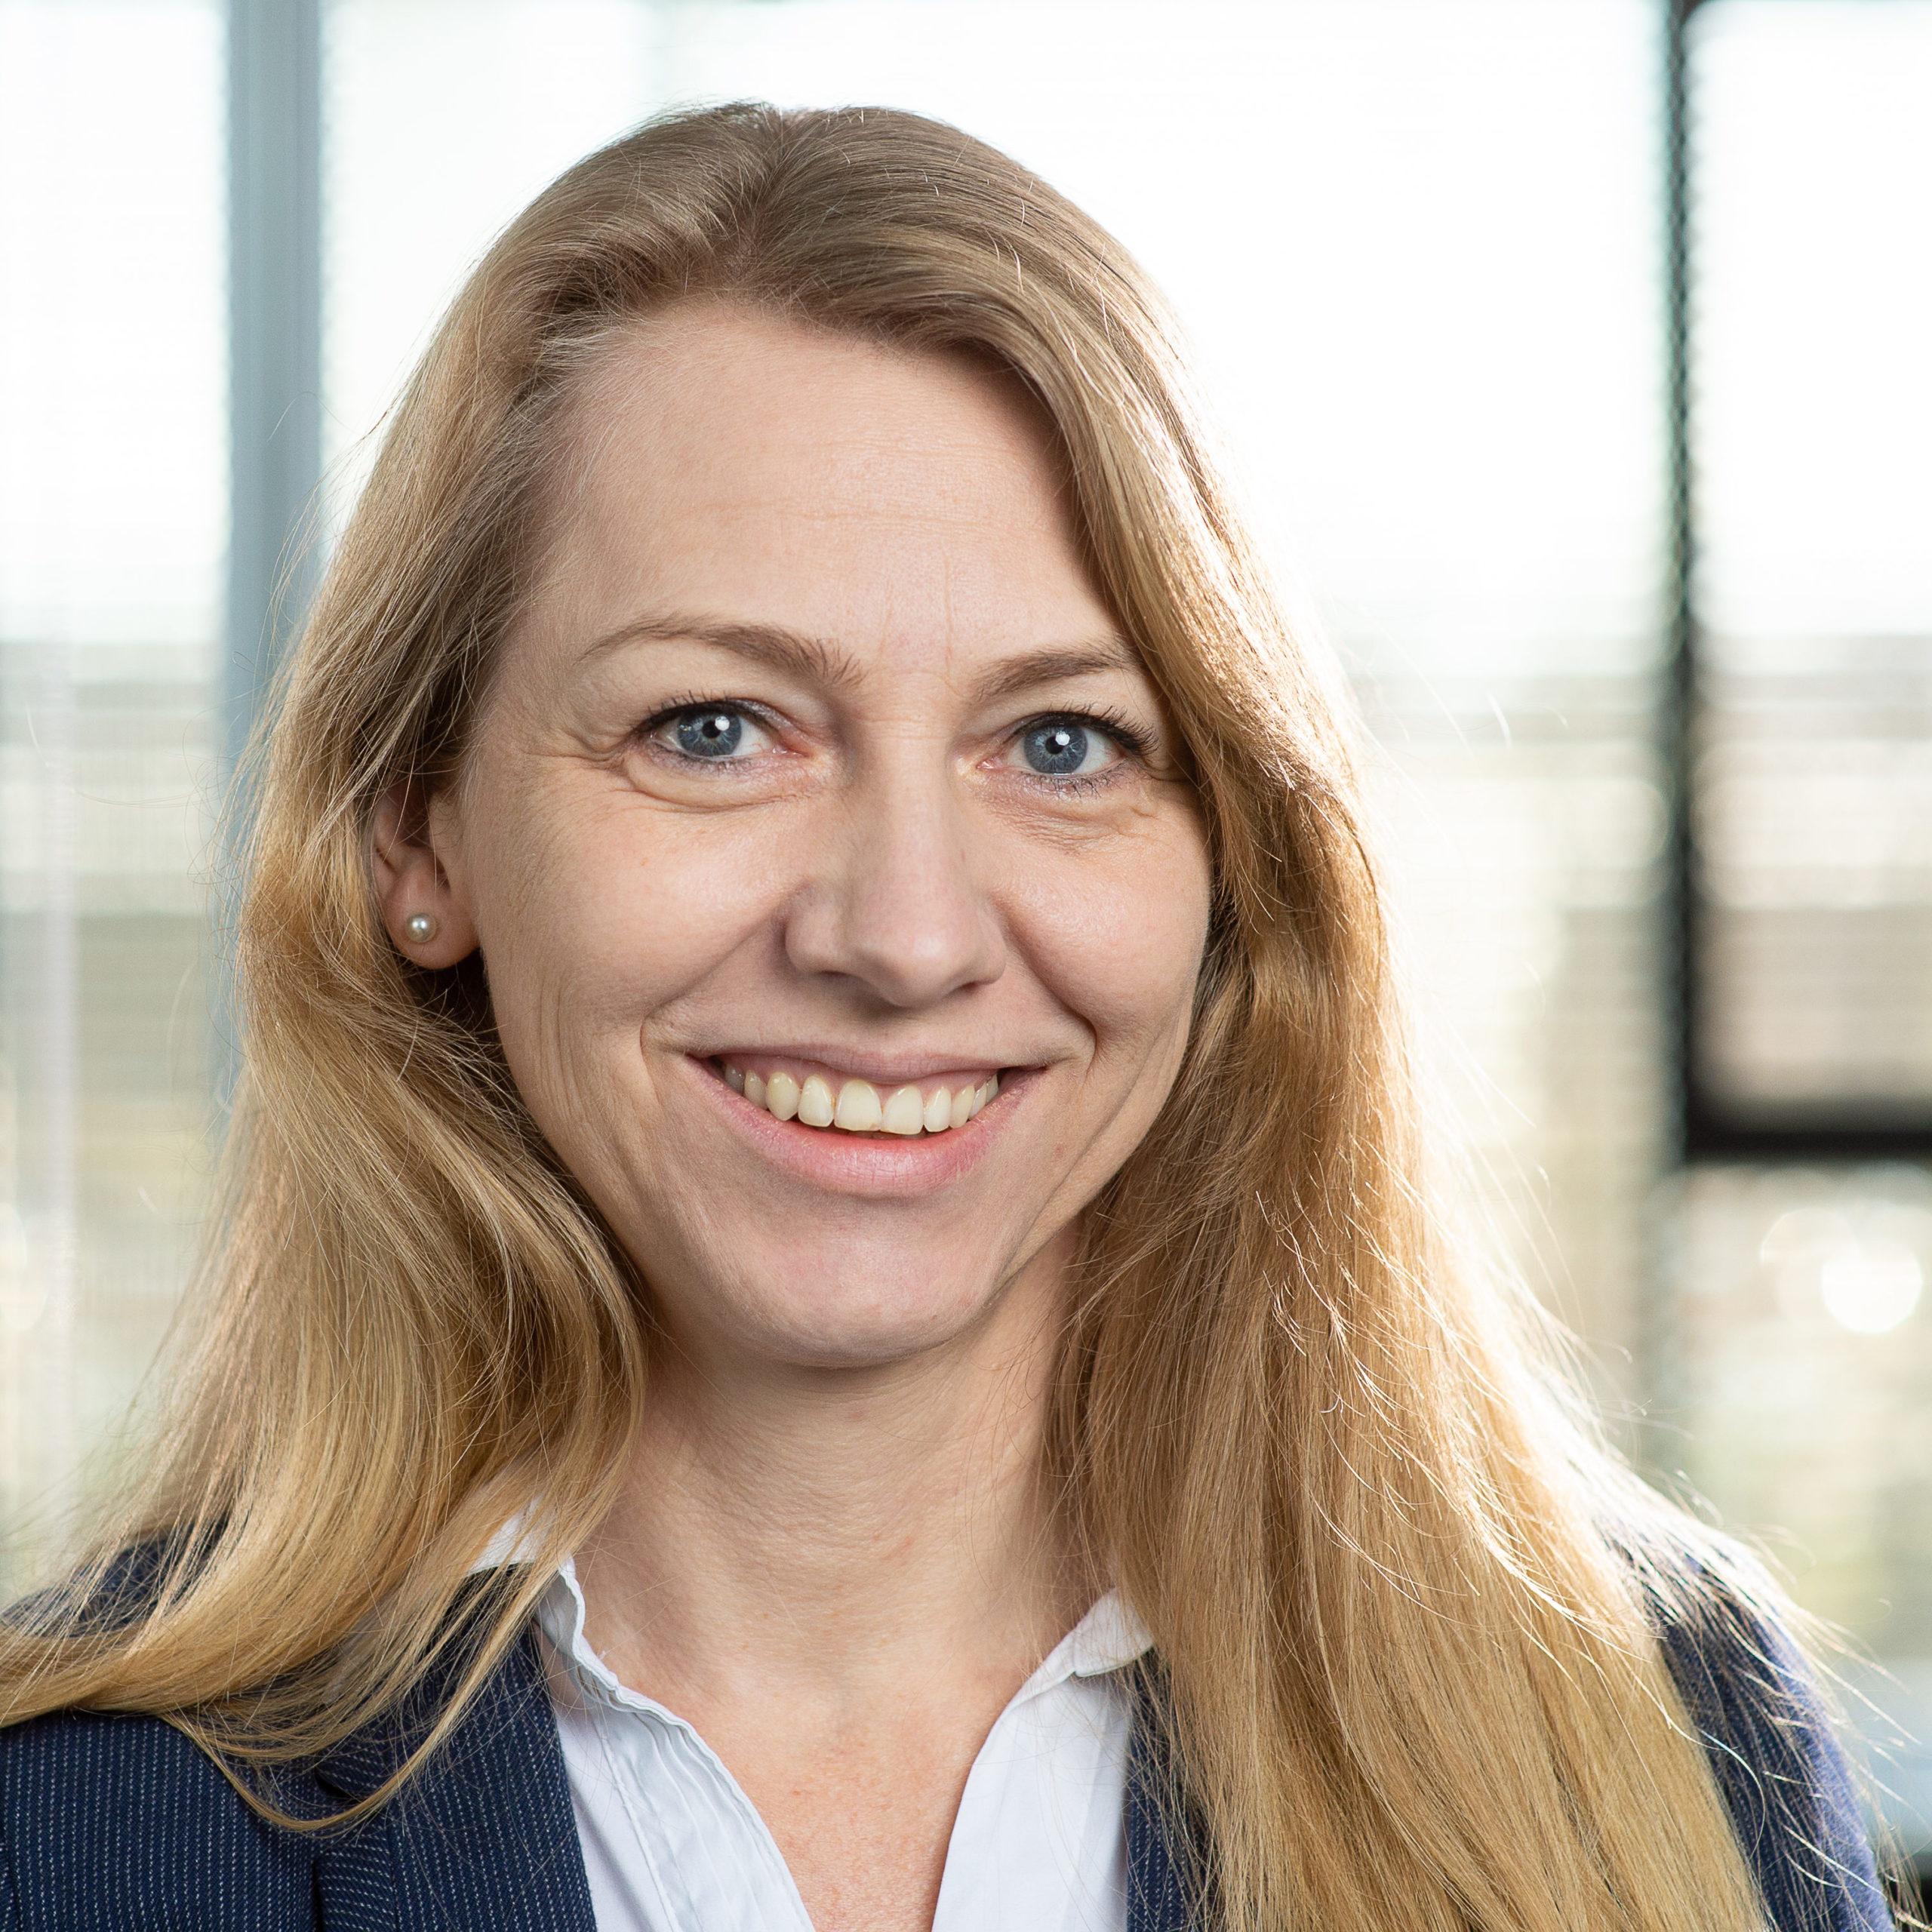 Britta Trauernicht, Leiterin Controlling und Energiemanagement, Remshalden